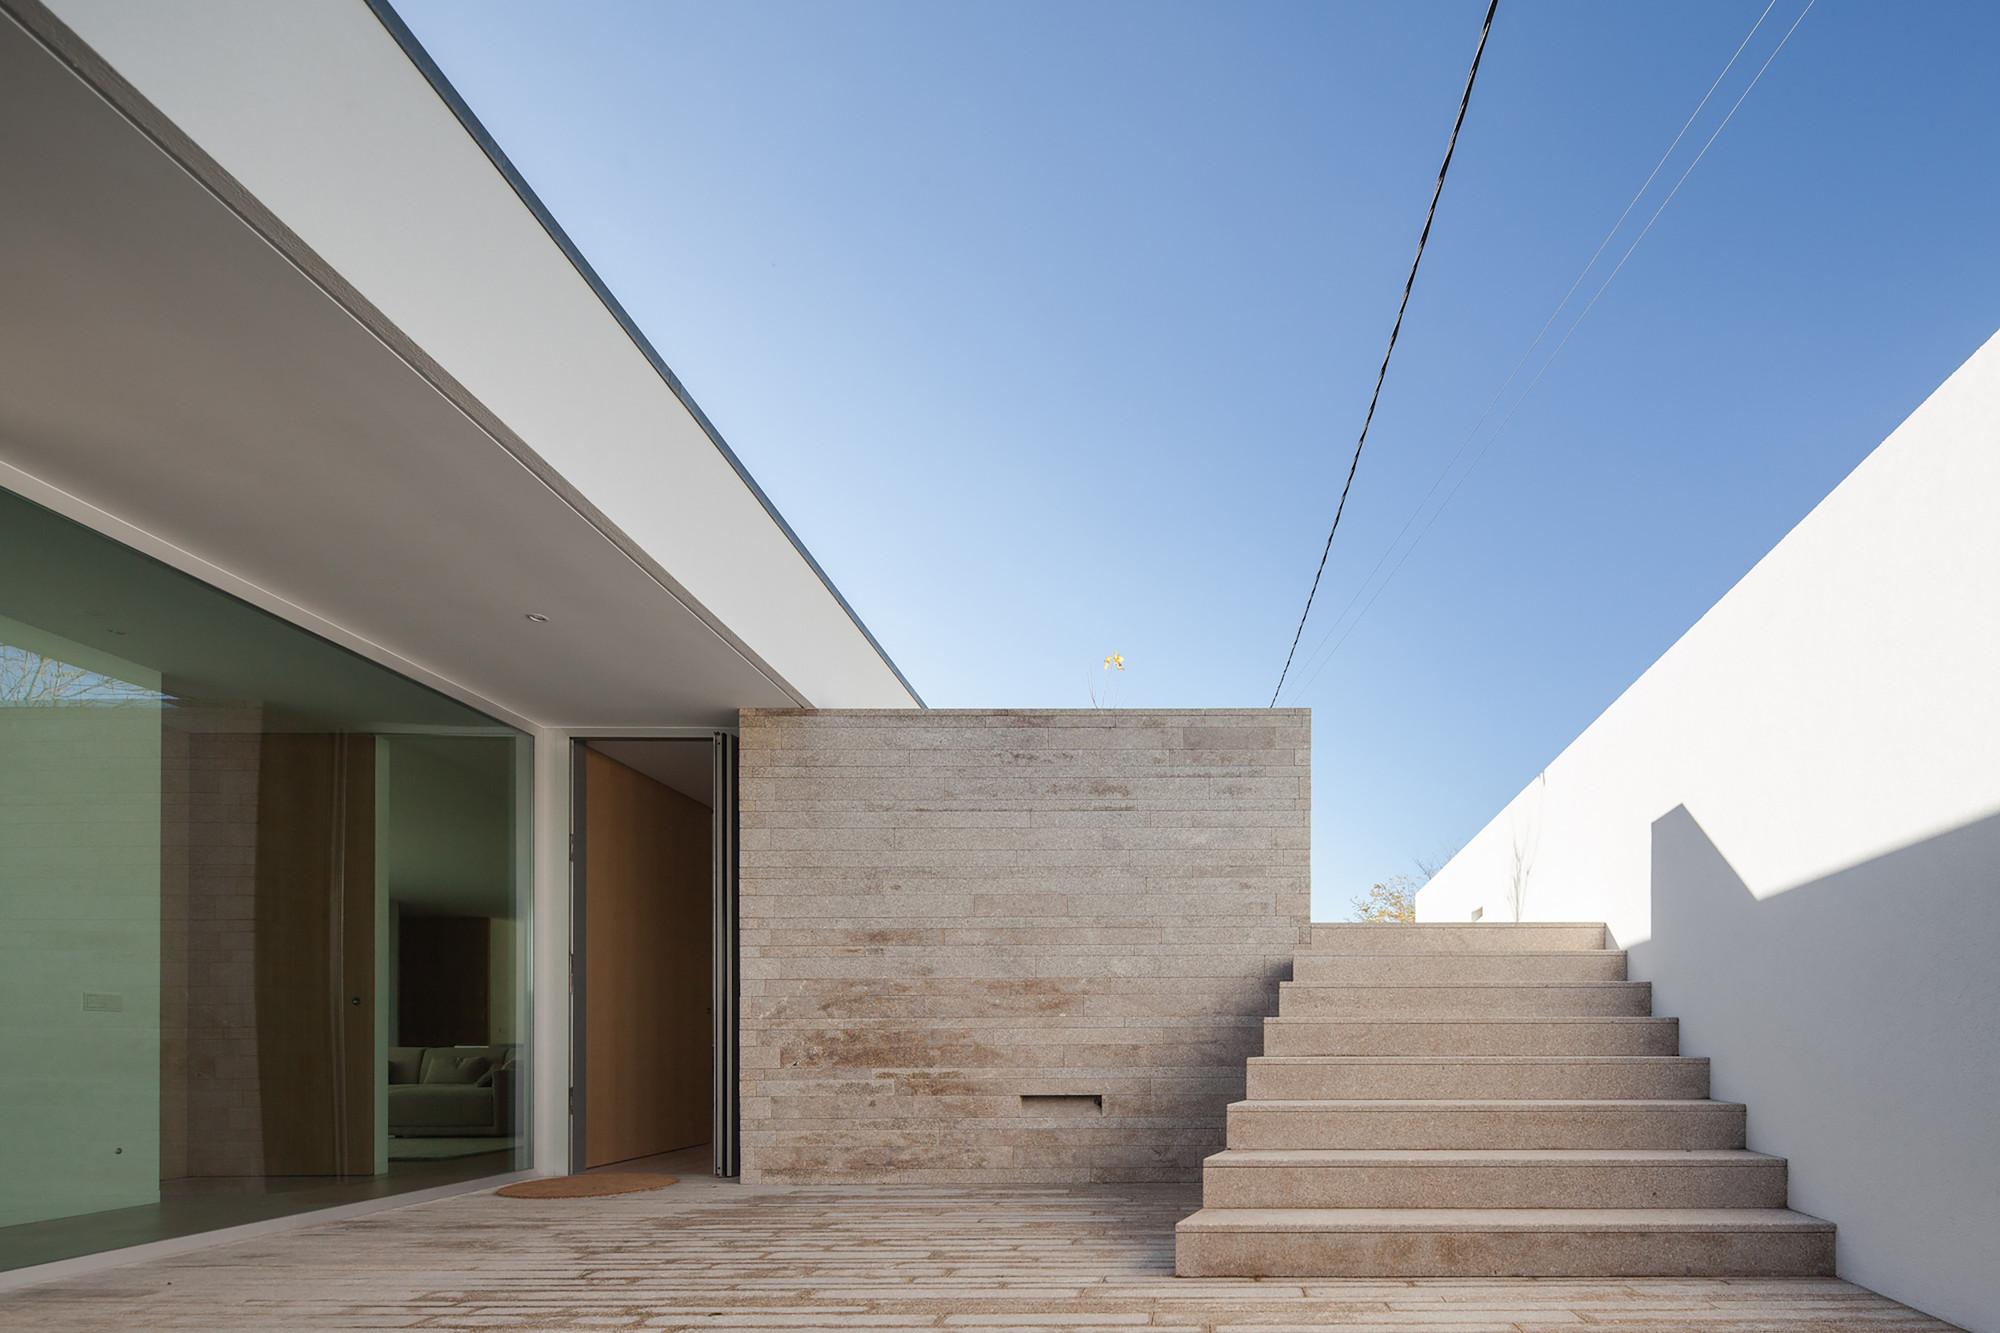 Casa Milhundos / Graciana Oliveira, © João Morgado